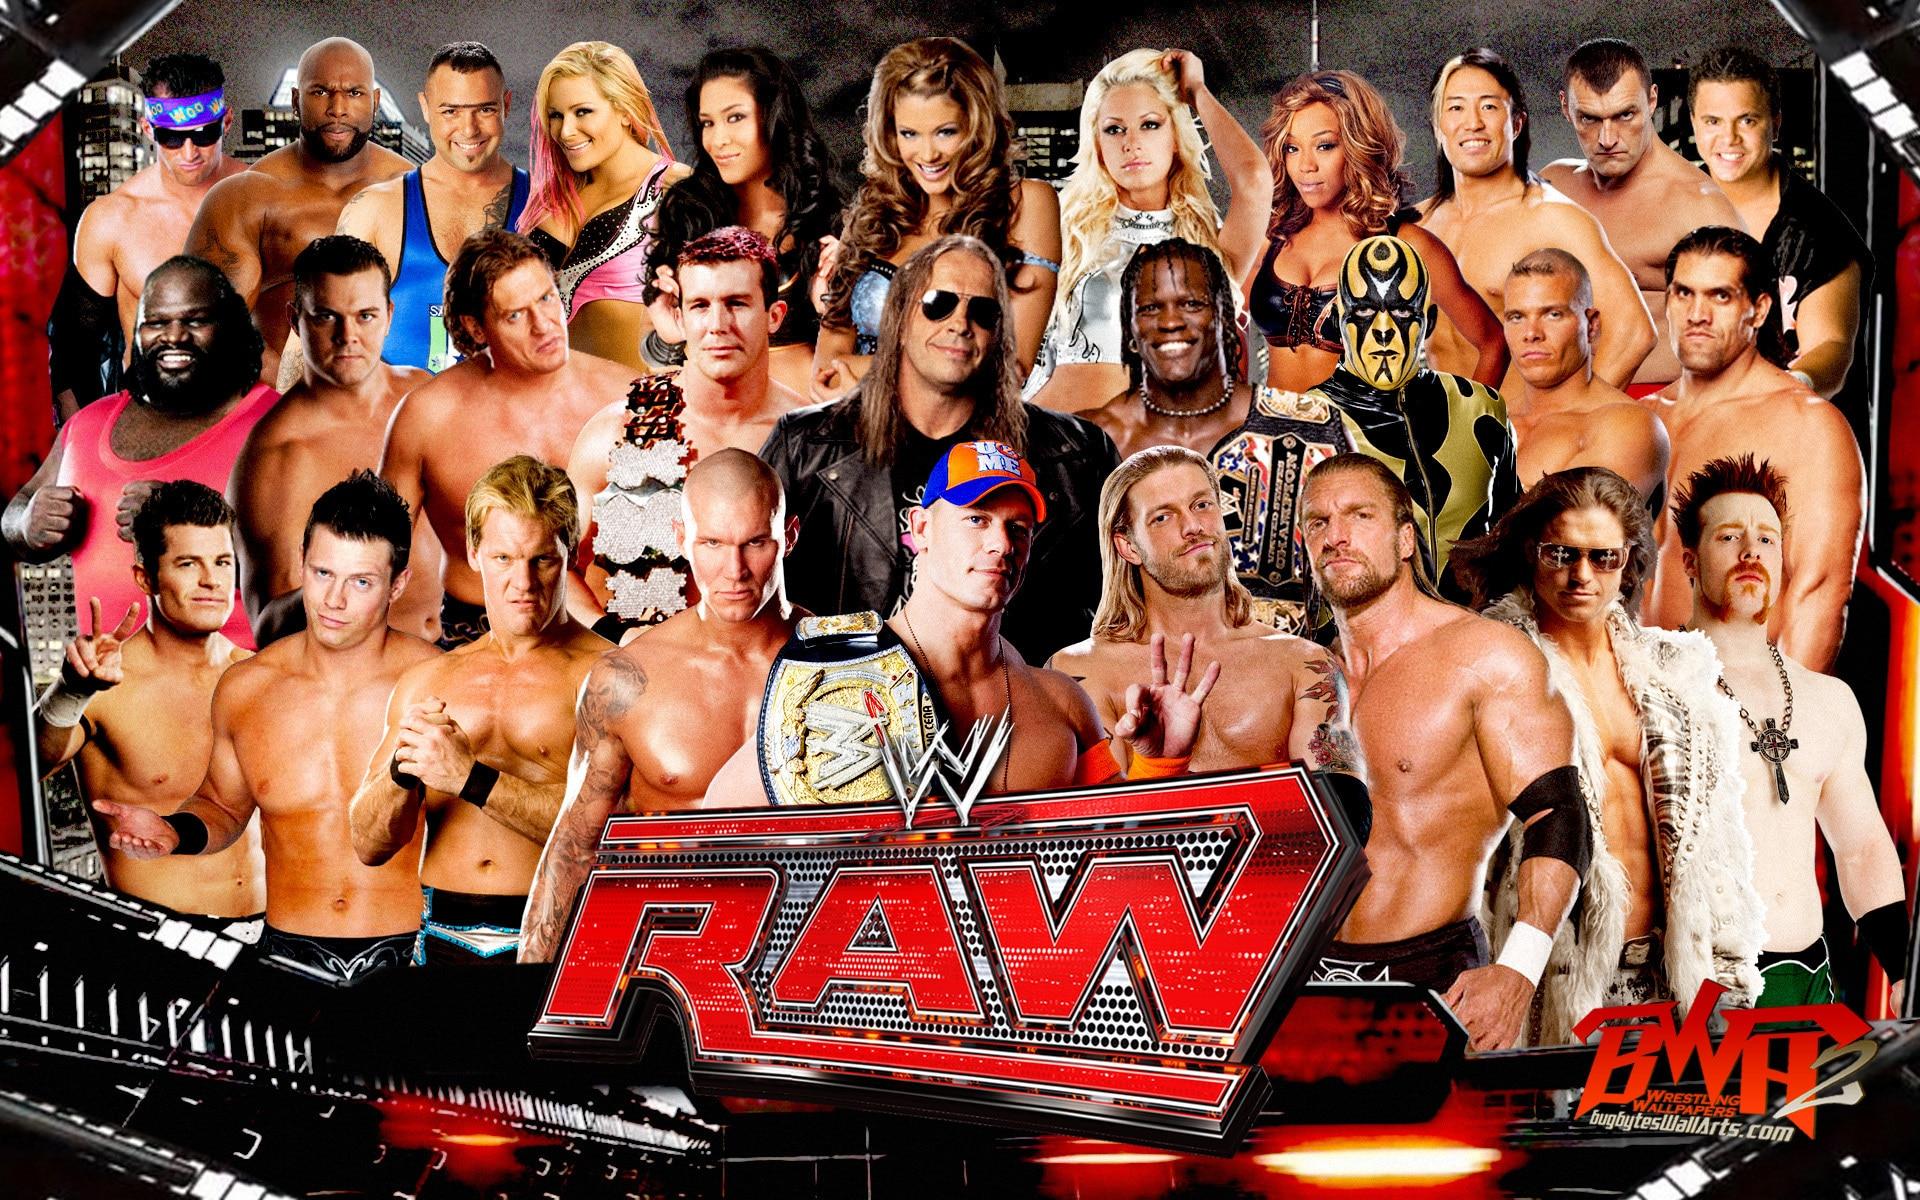 WWE-Raw-wwe-16933714-1920-1200